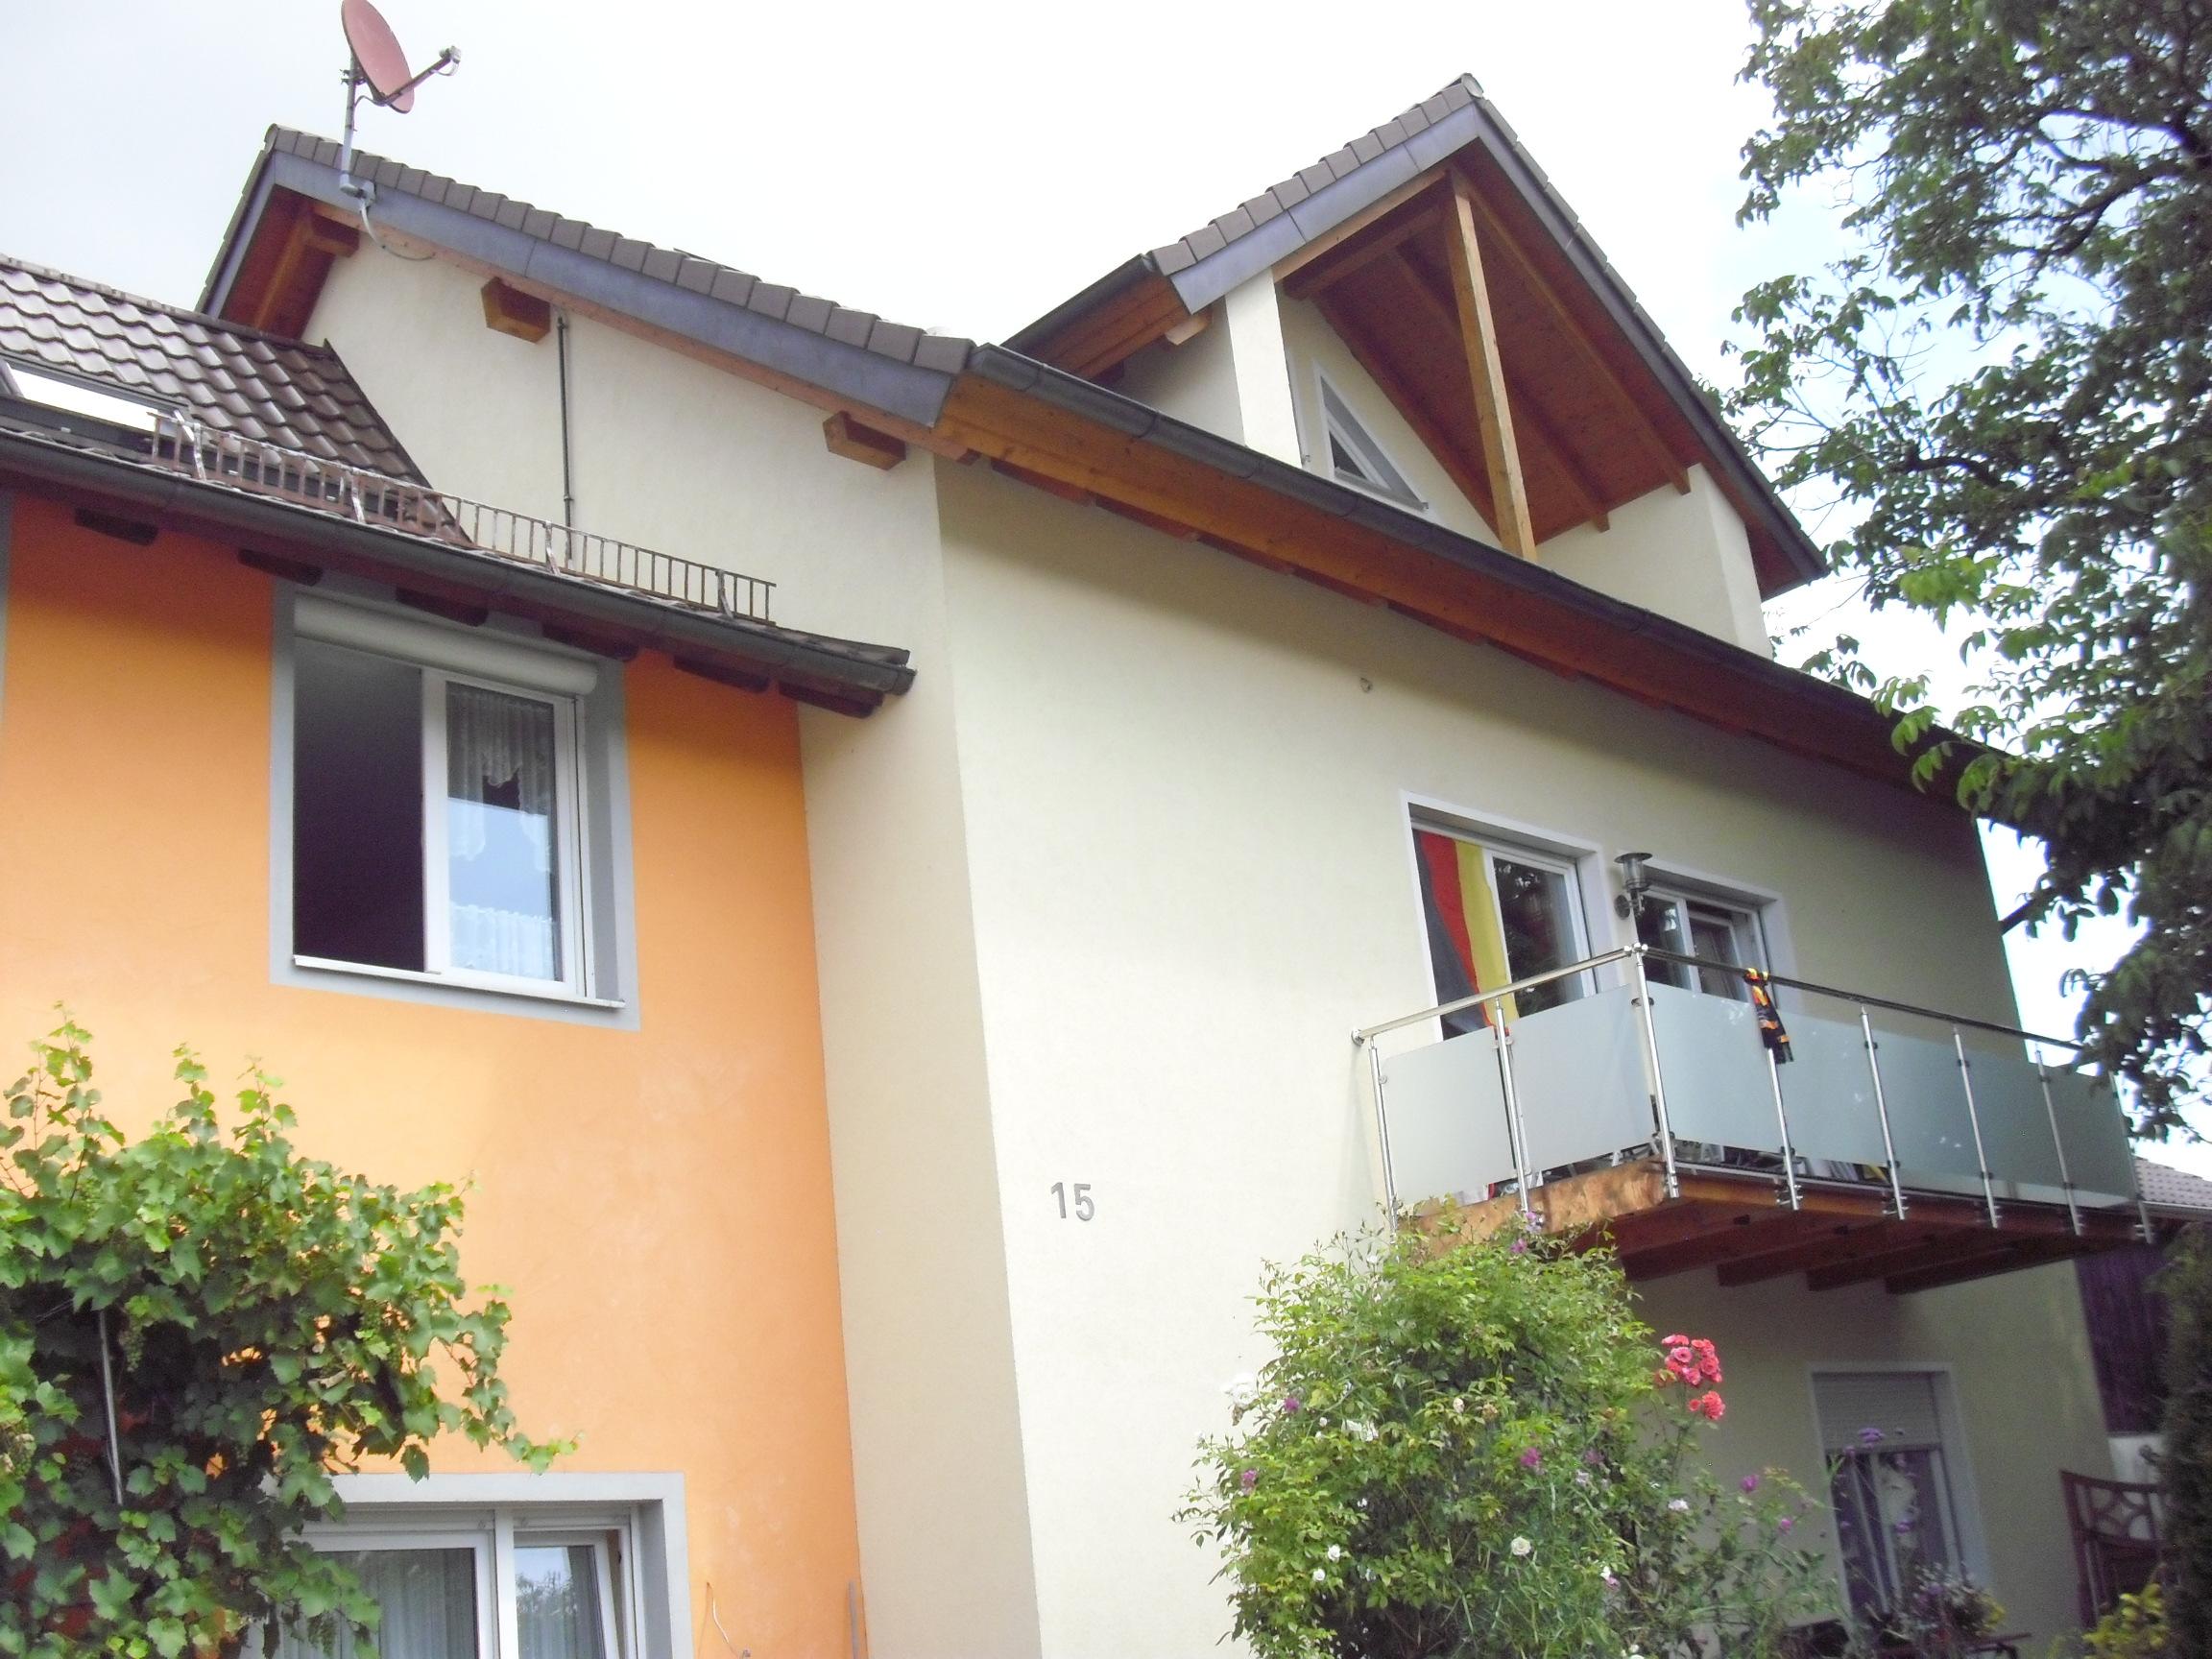 Ferienwohnung Saupp, (Immenstaad am Bodensee). Fer Ferienwohnung am Bodensee